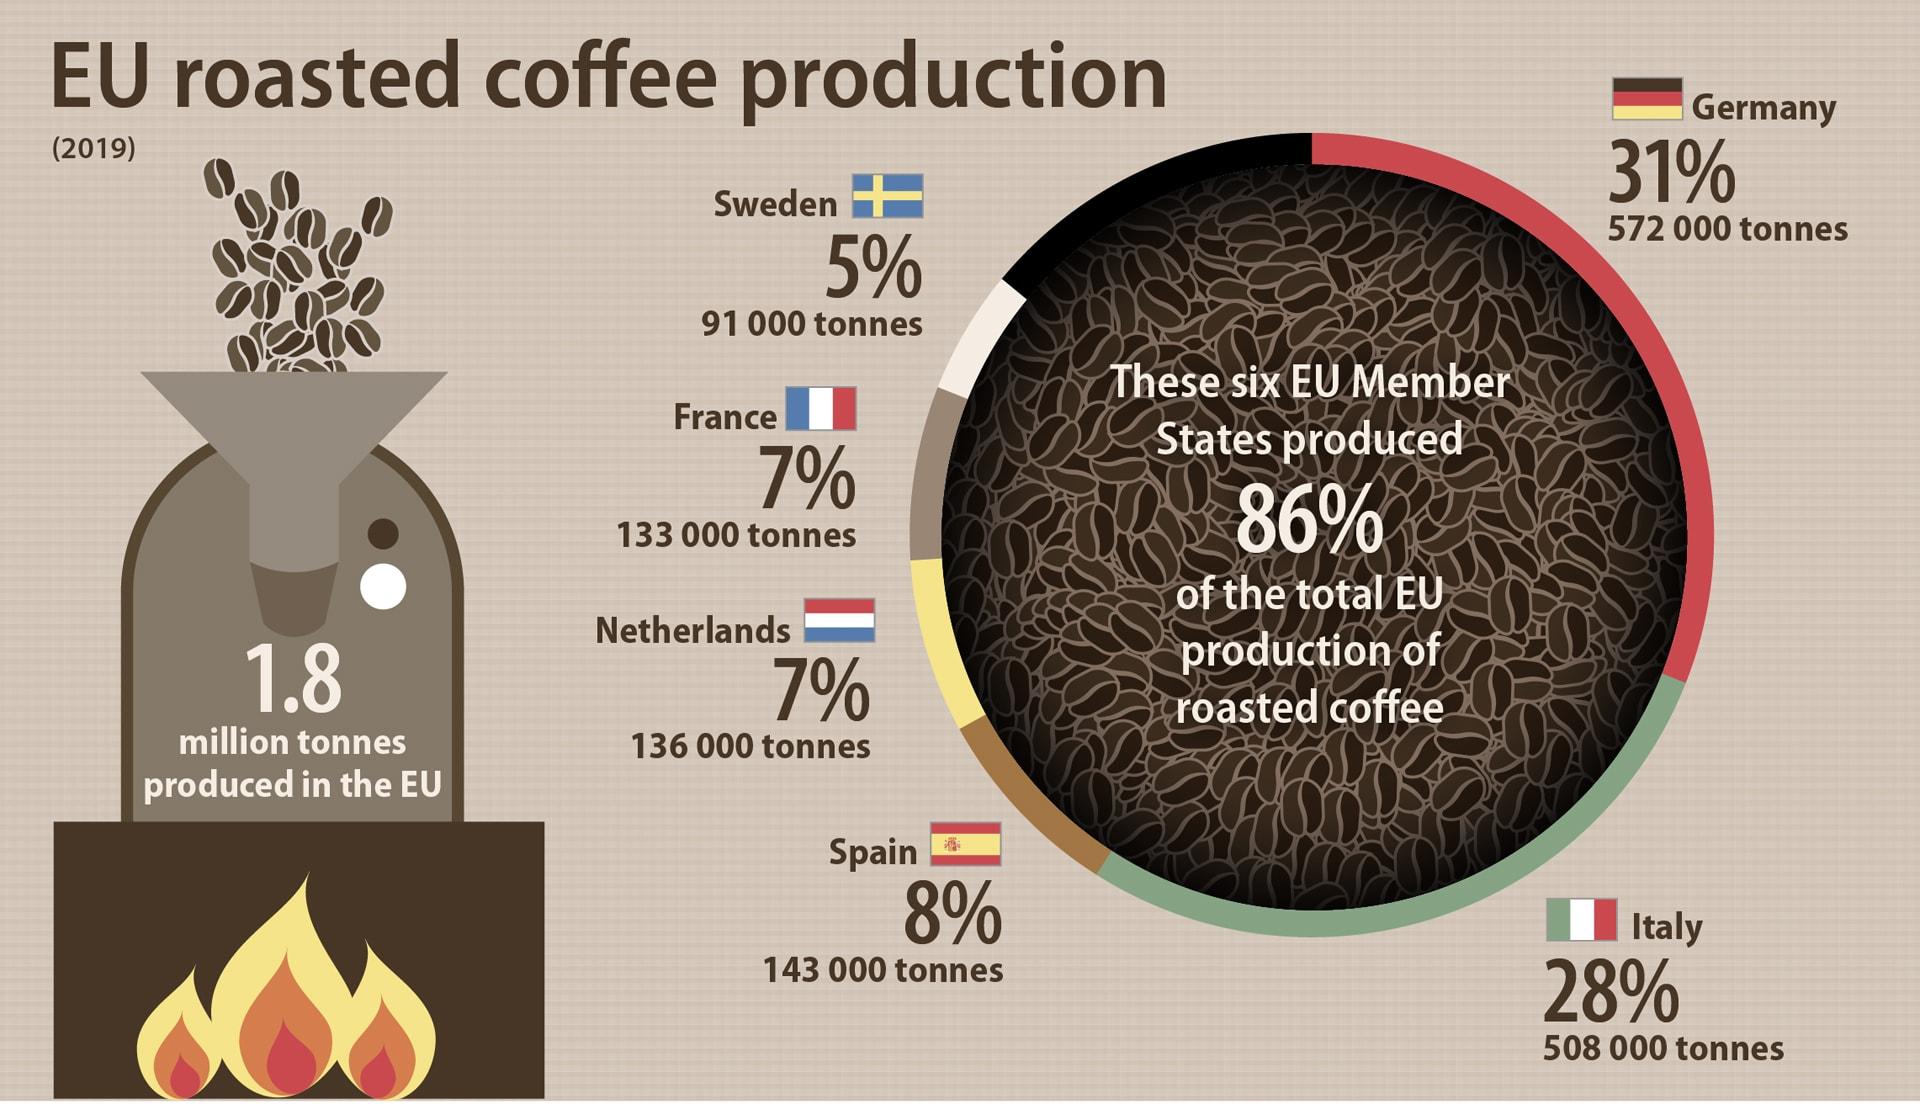 Обжарка кофе: Германия, Италия и Испания. Именно в таком порядке!